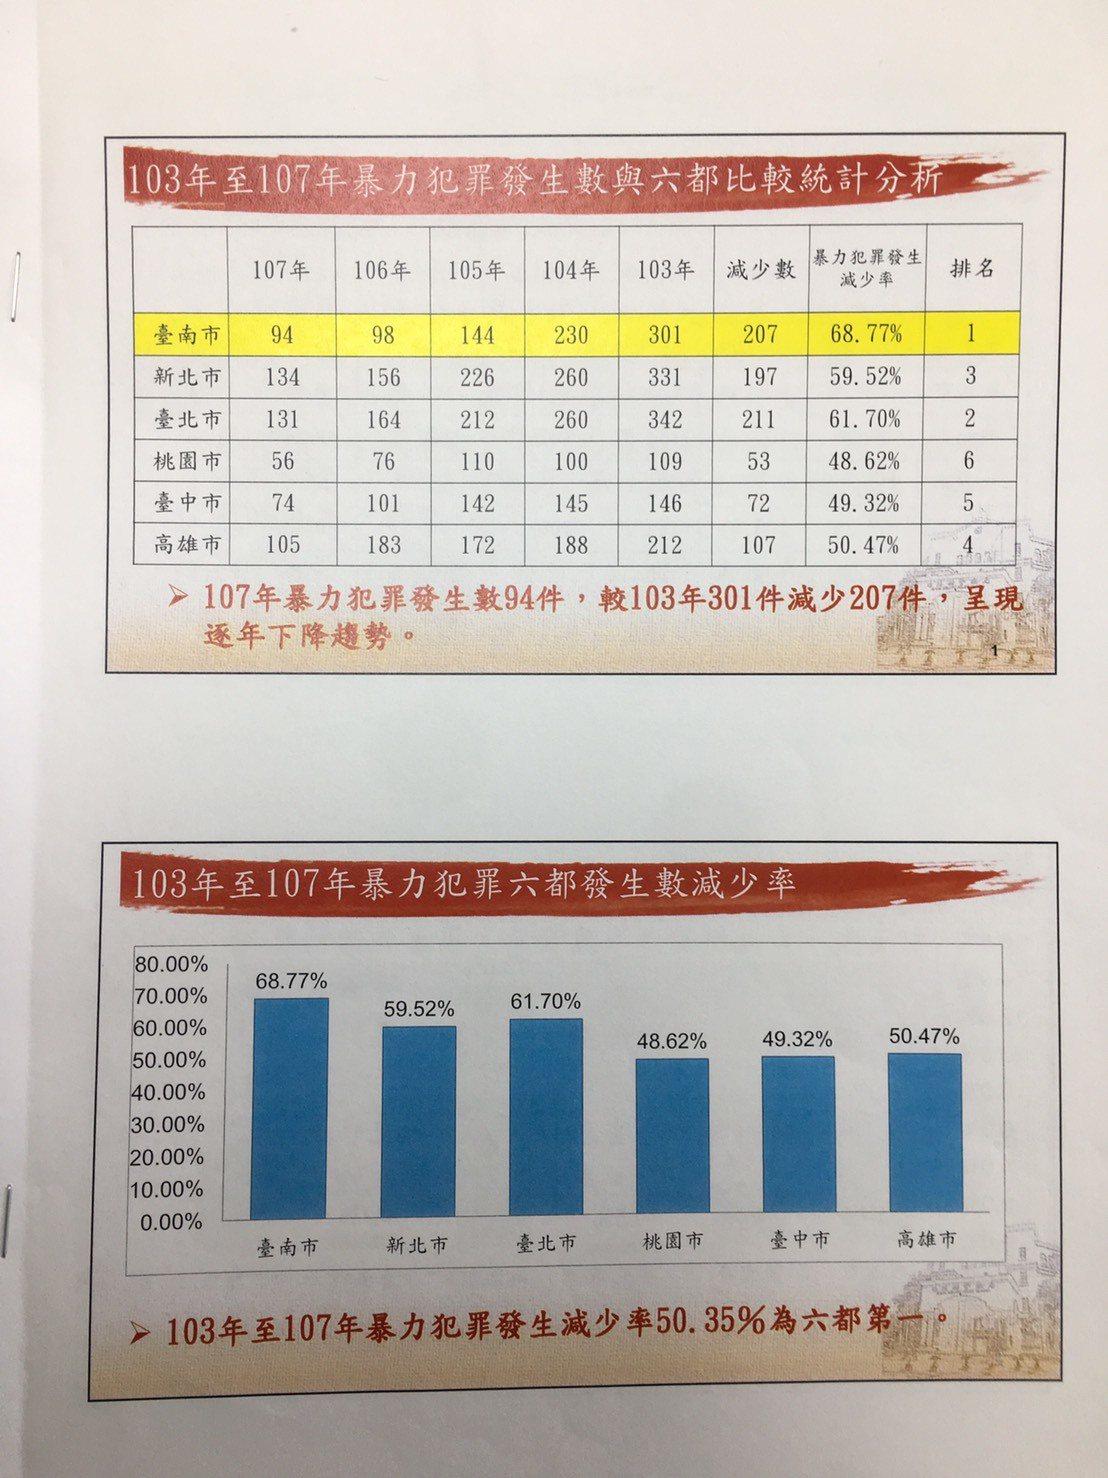 台南市治安倒數第一?一張統計圖表澄清。記者吳淑玲/翻攝